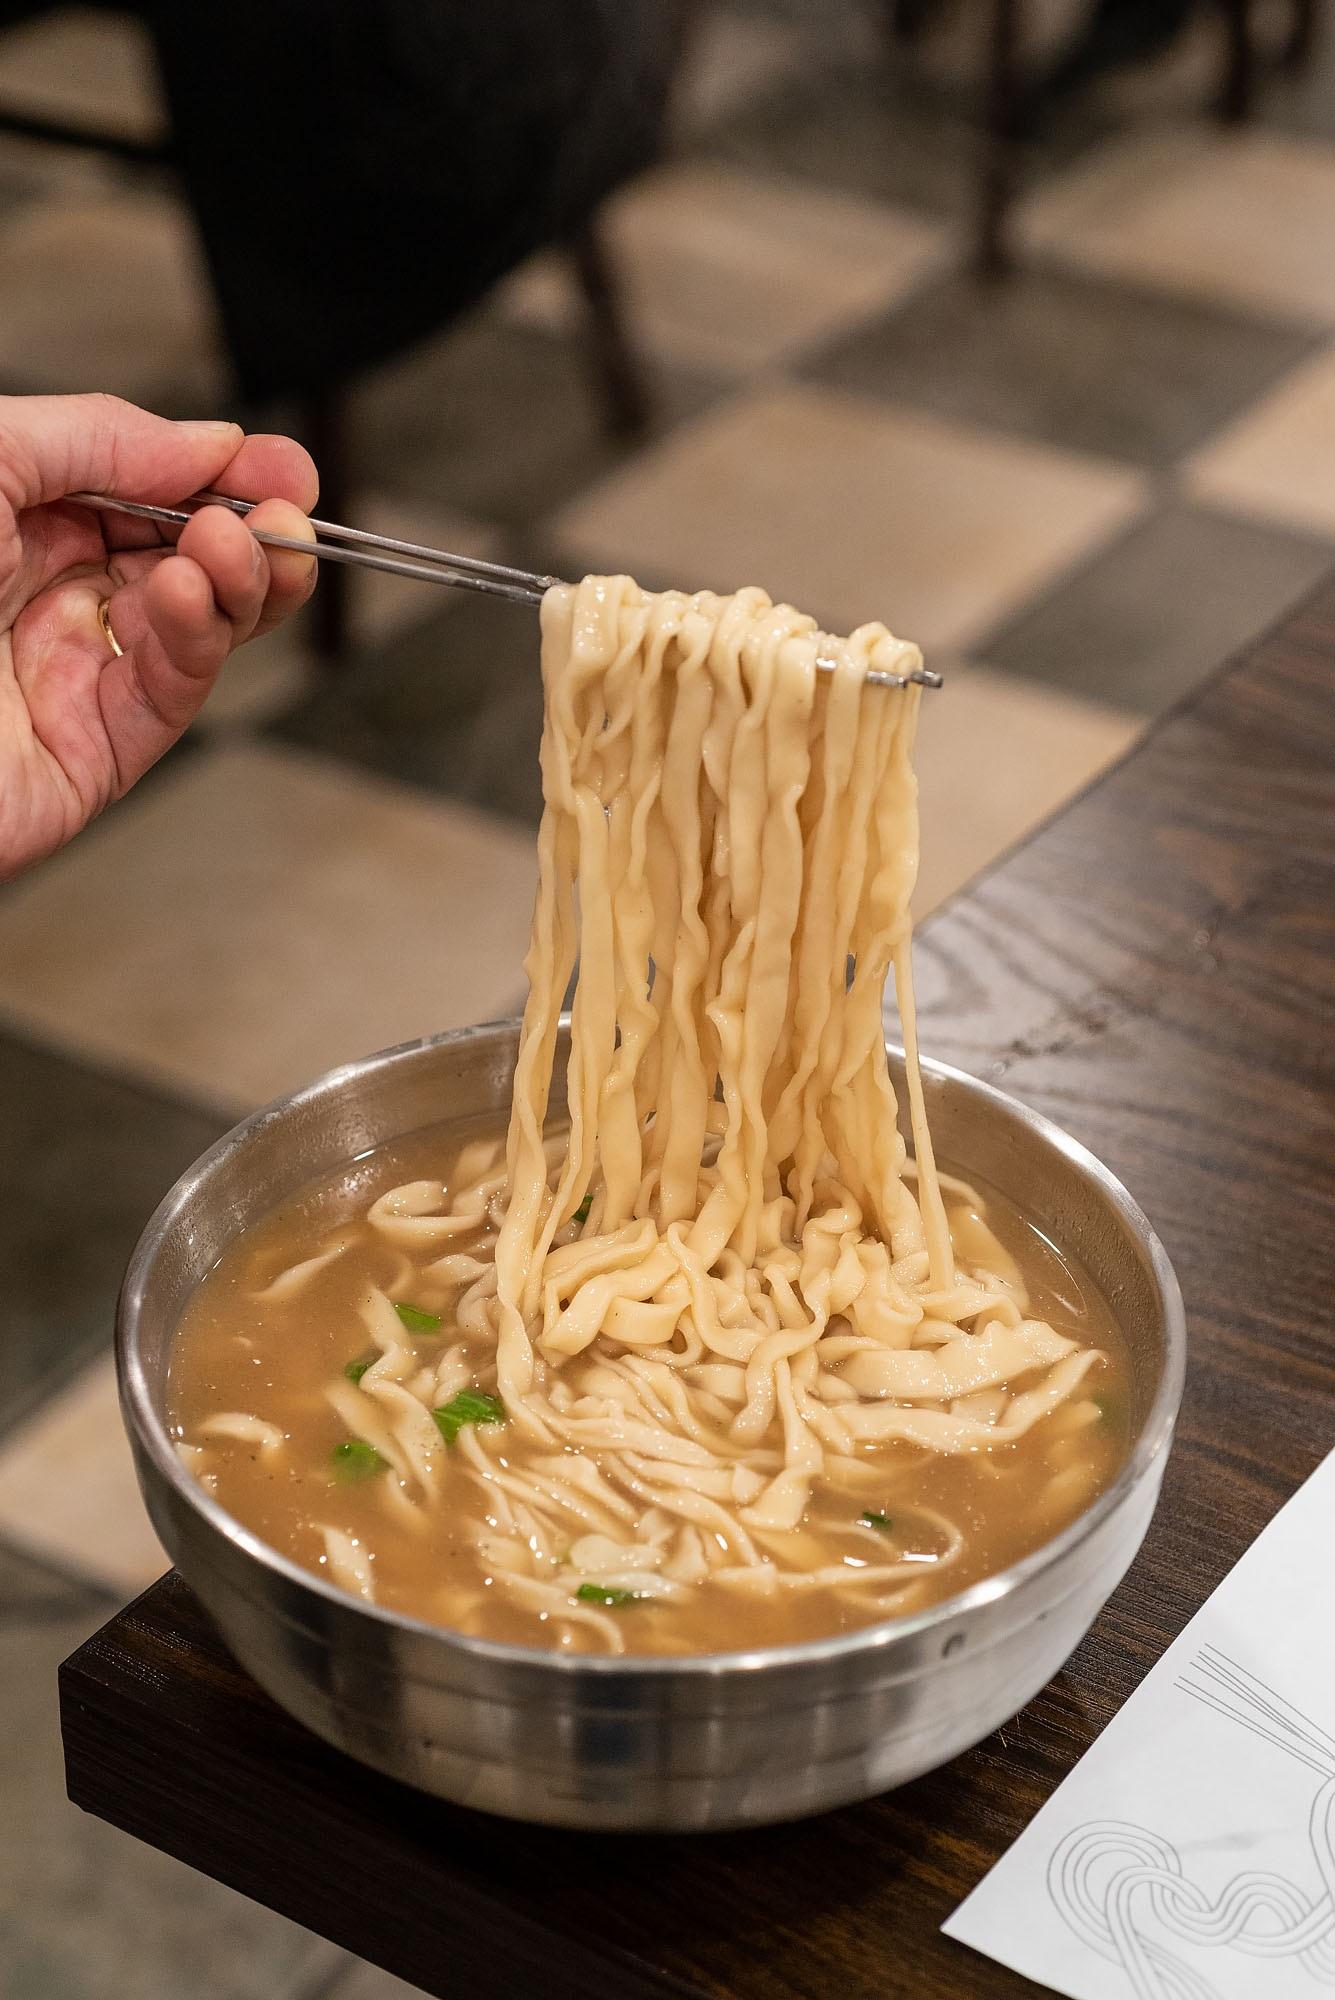 Kalguksu at Hyesung Noodle House, Los Angeles